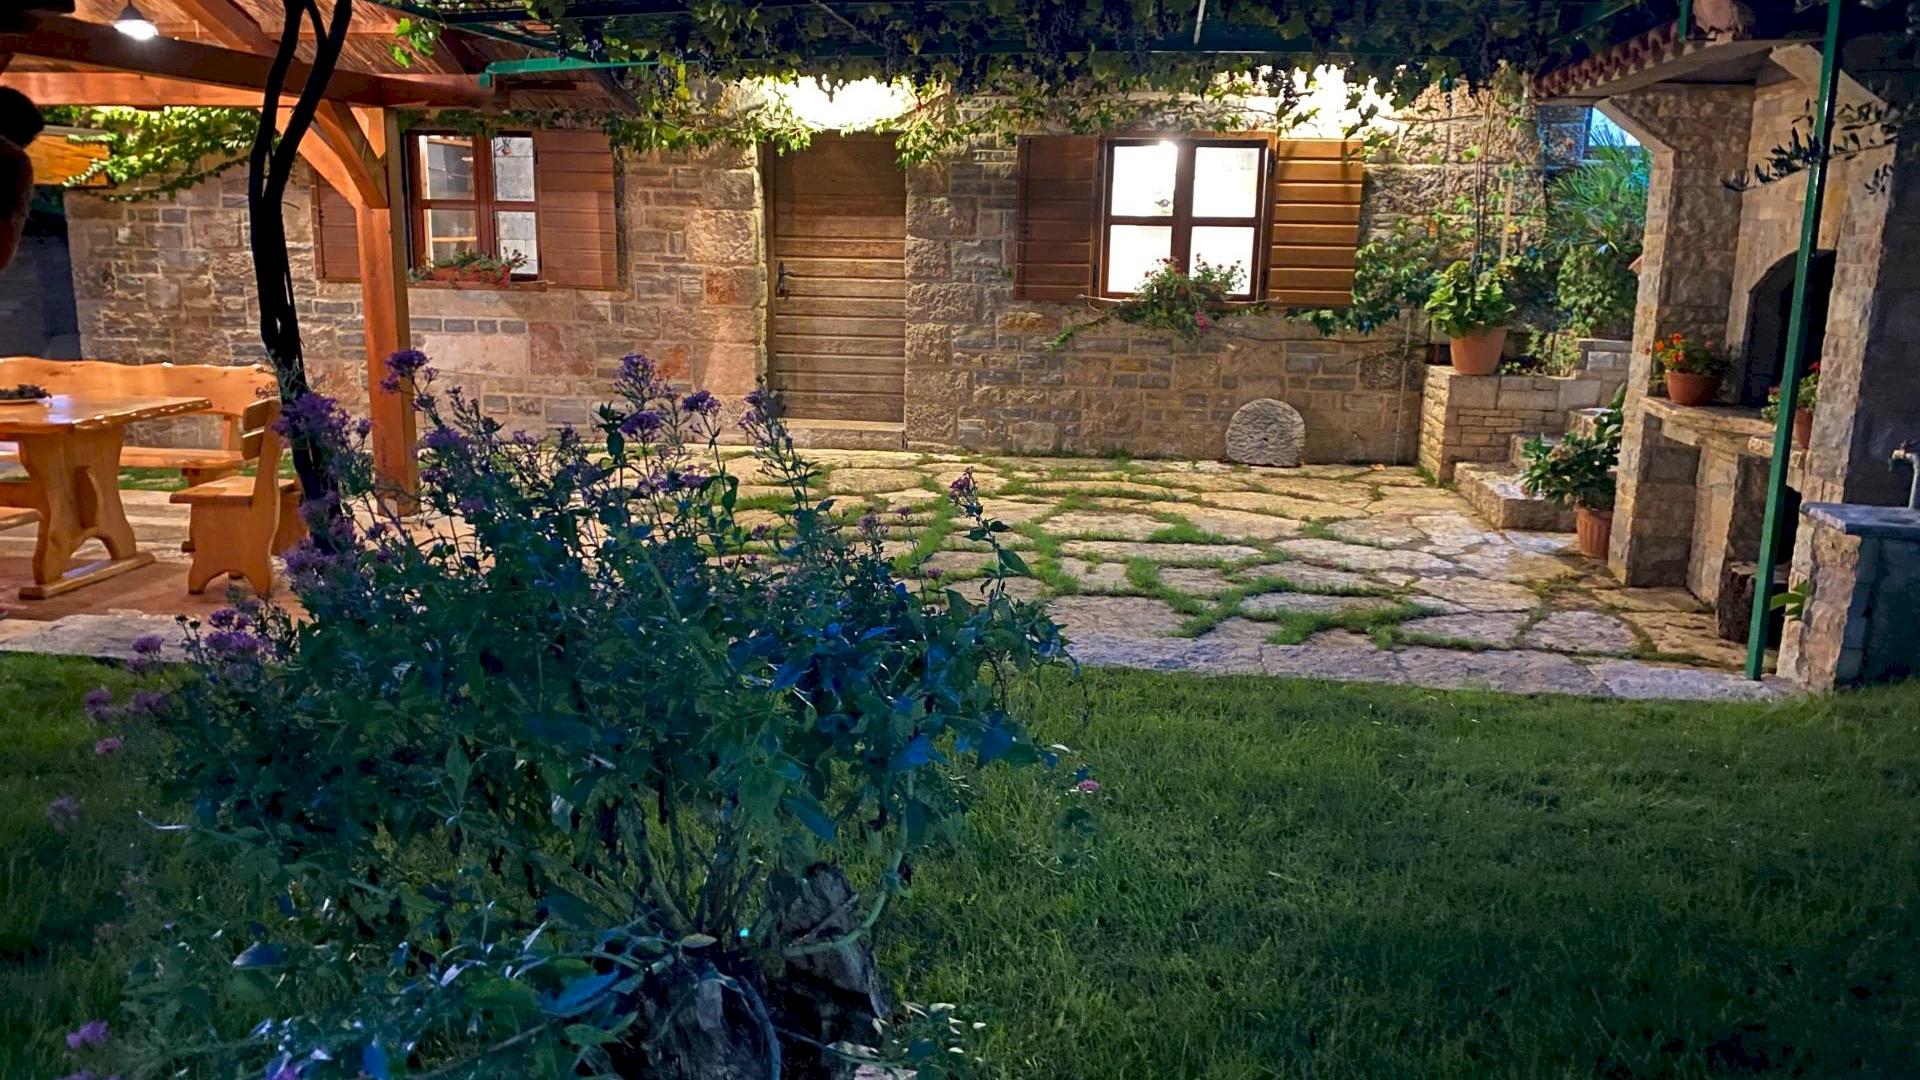 Područje u zaleđu između Zadra i Šibenika, naziva se Ravni kotari jer se radi o ravnici s bogatom i plodnom zemljom.